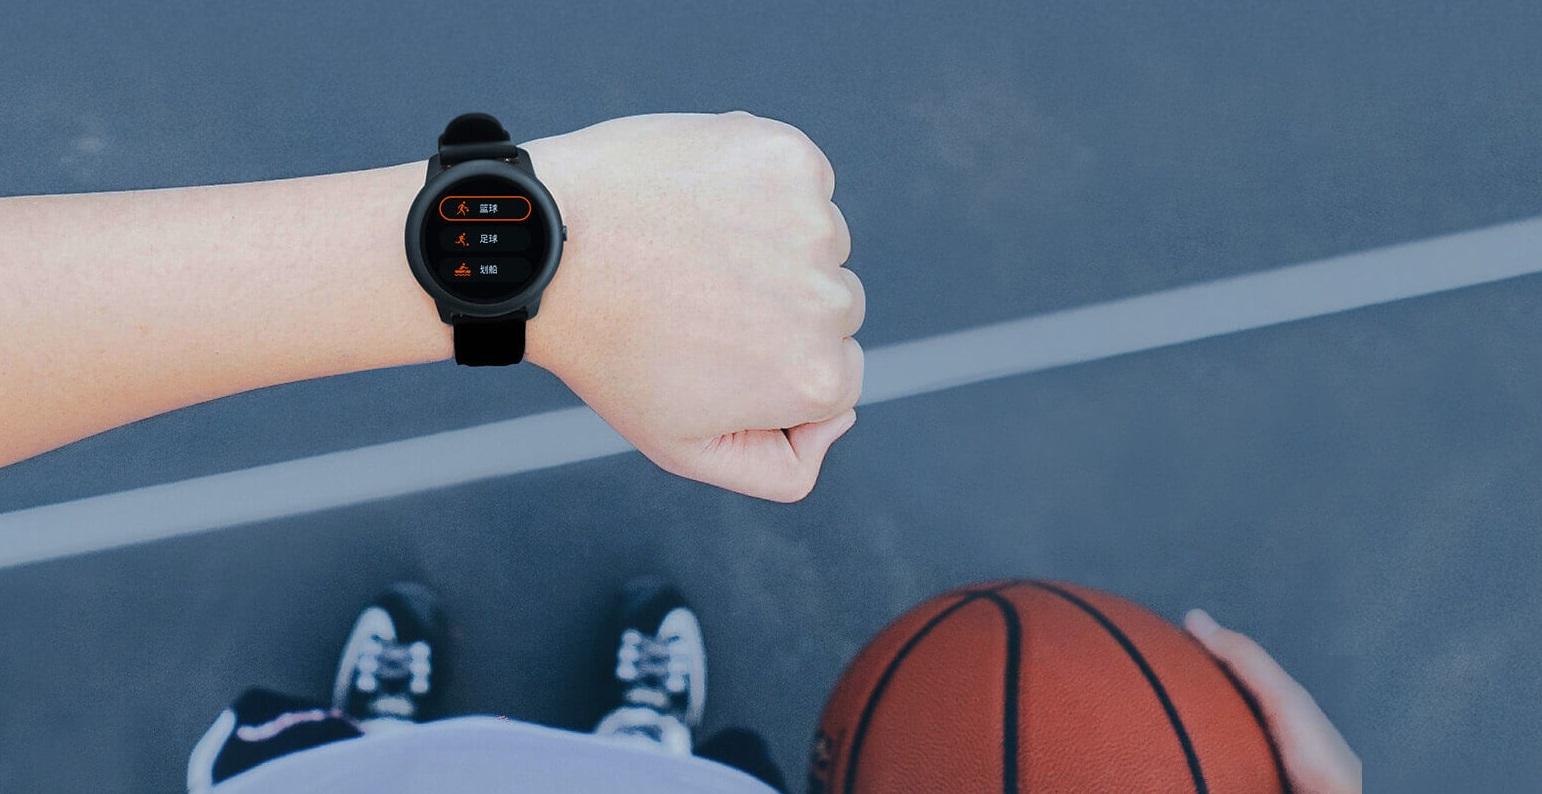 Haylou Smart Watch Solar LS05